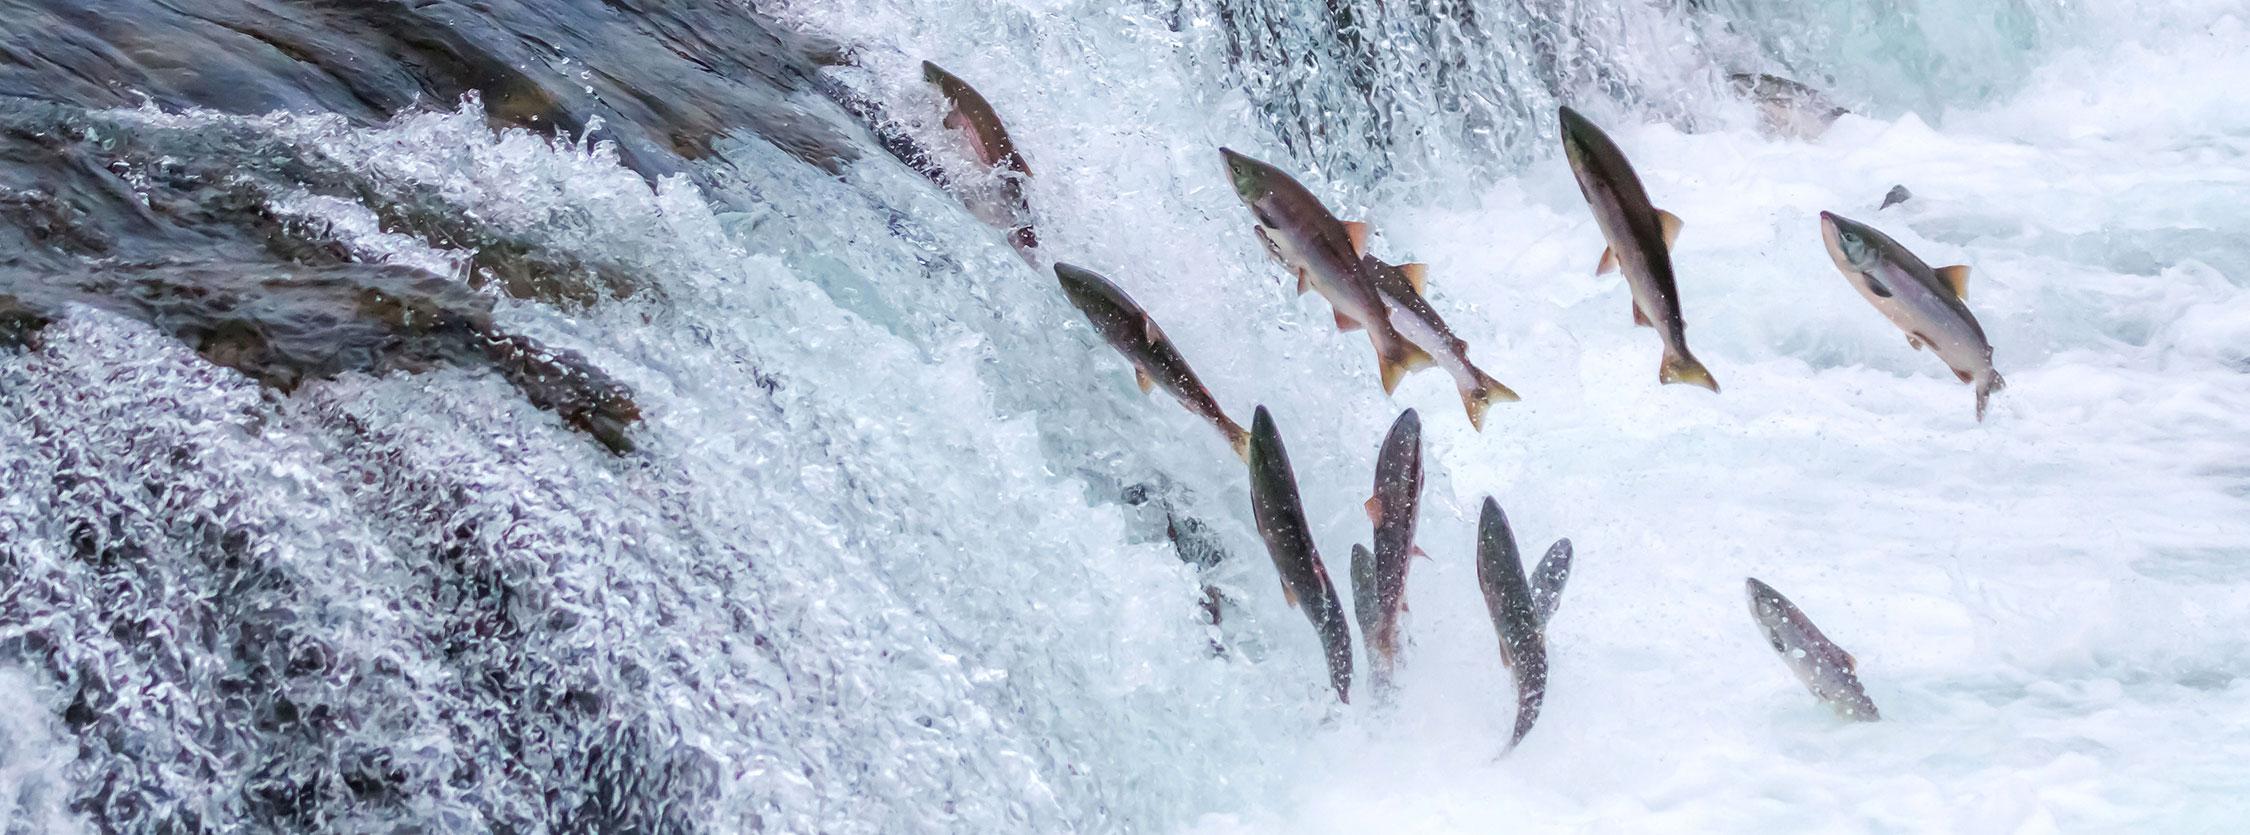 Salmoni selvaggi risalgono un fiume